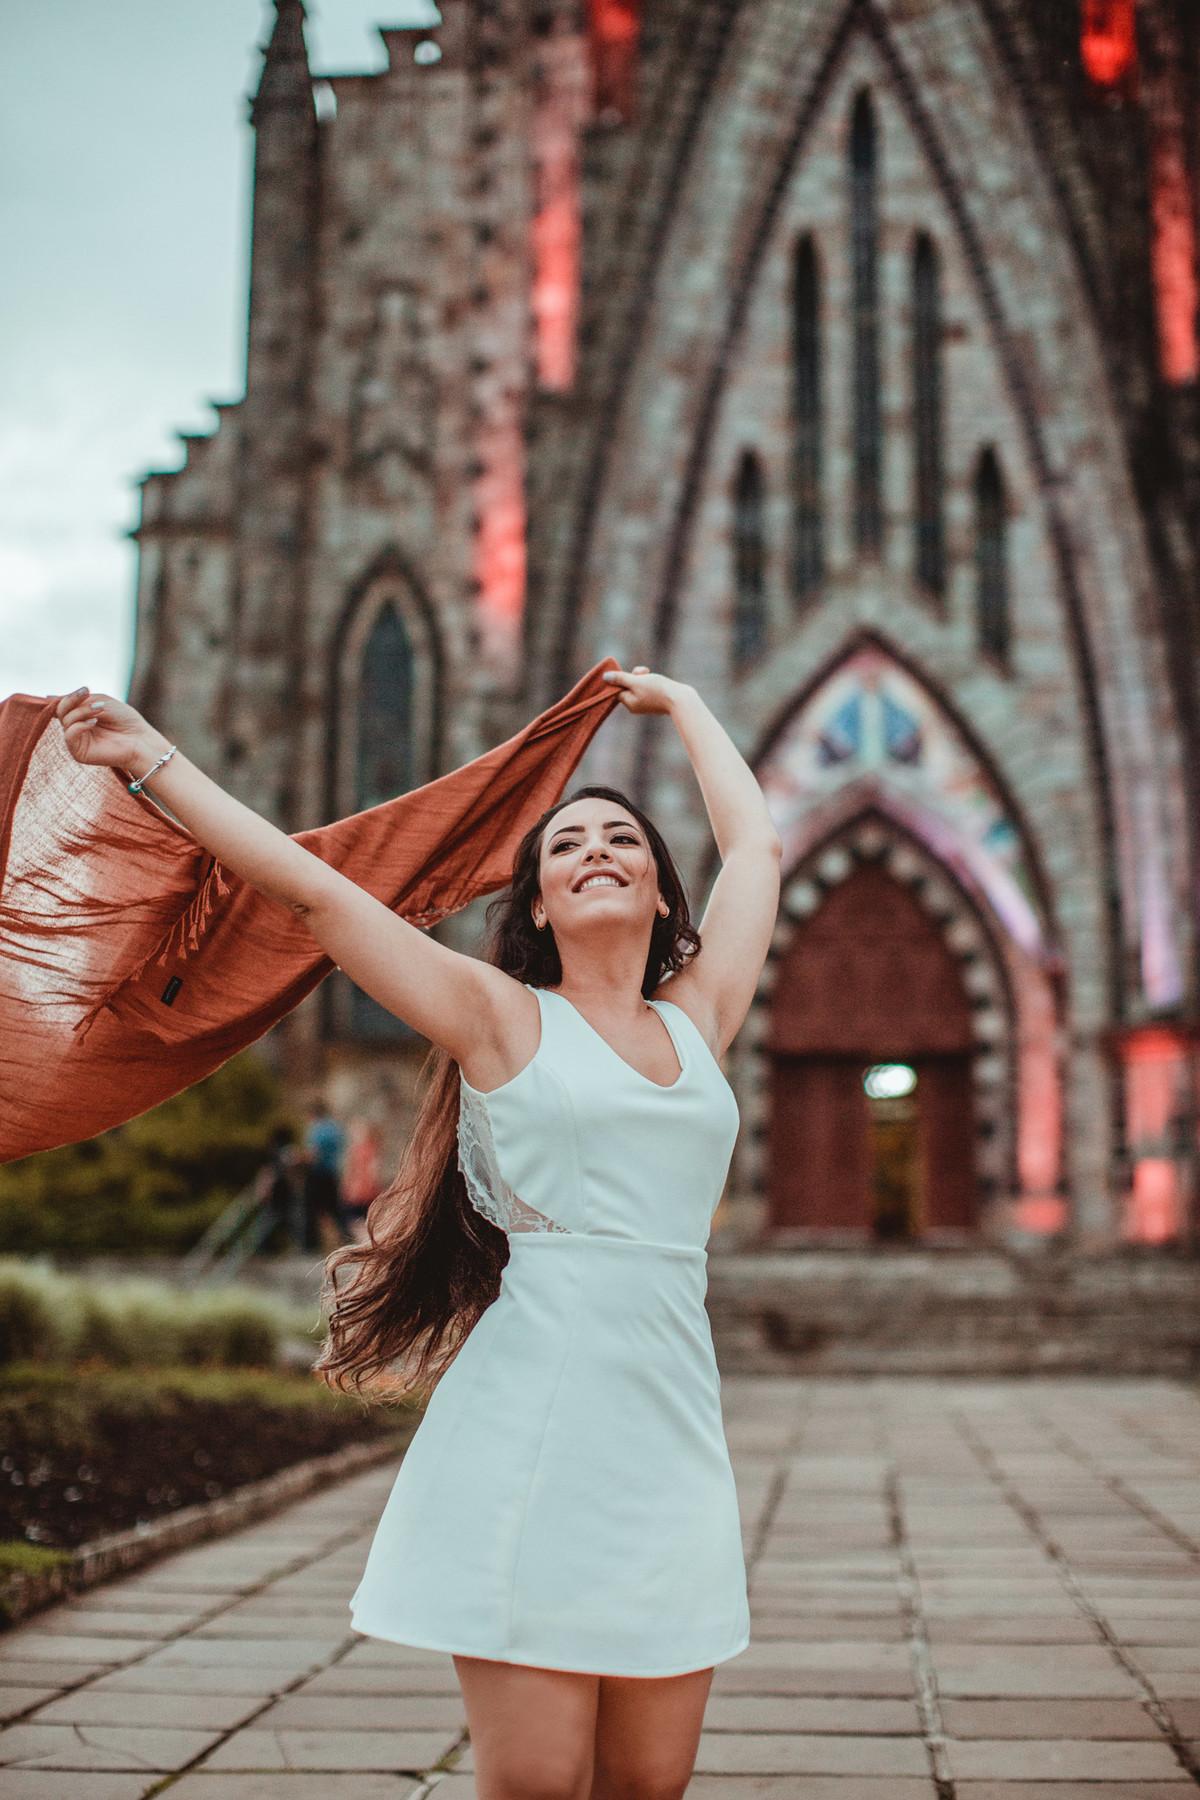 Noiva se divertindo na frente de igreja matriz de Canela-RS. Foto feita pelo fotógrafo de casamento Rafael Ohana